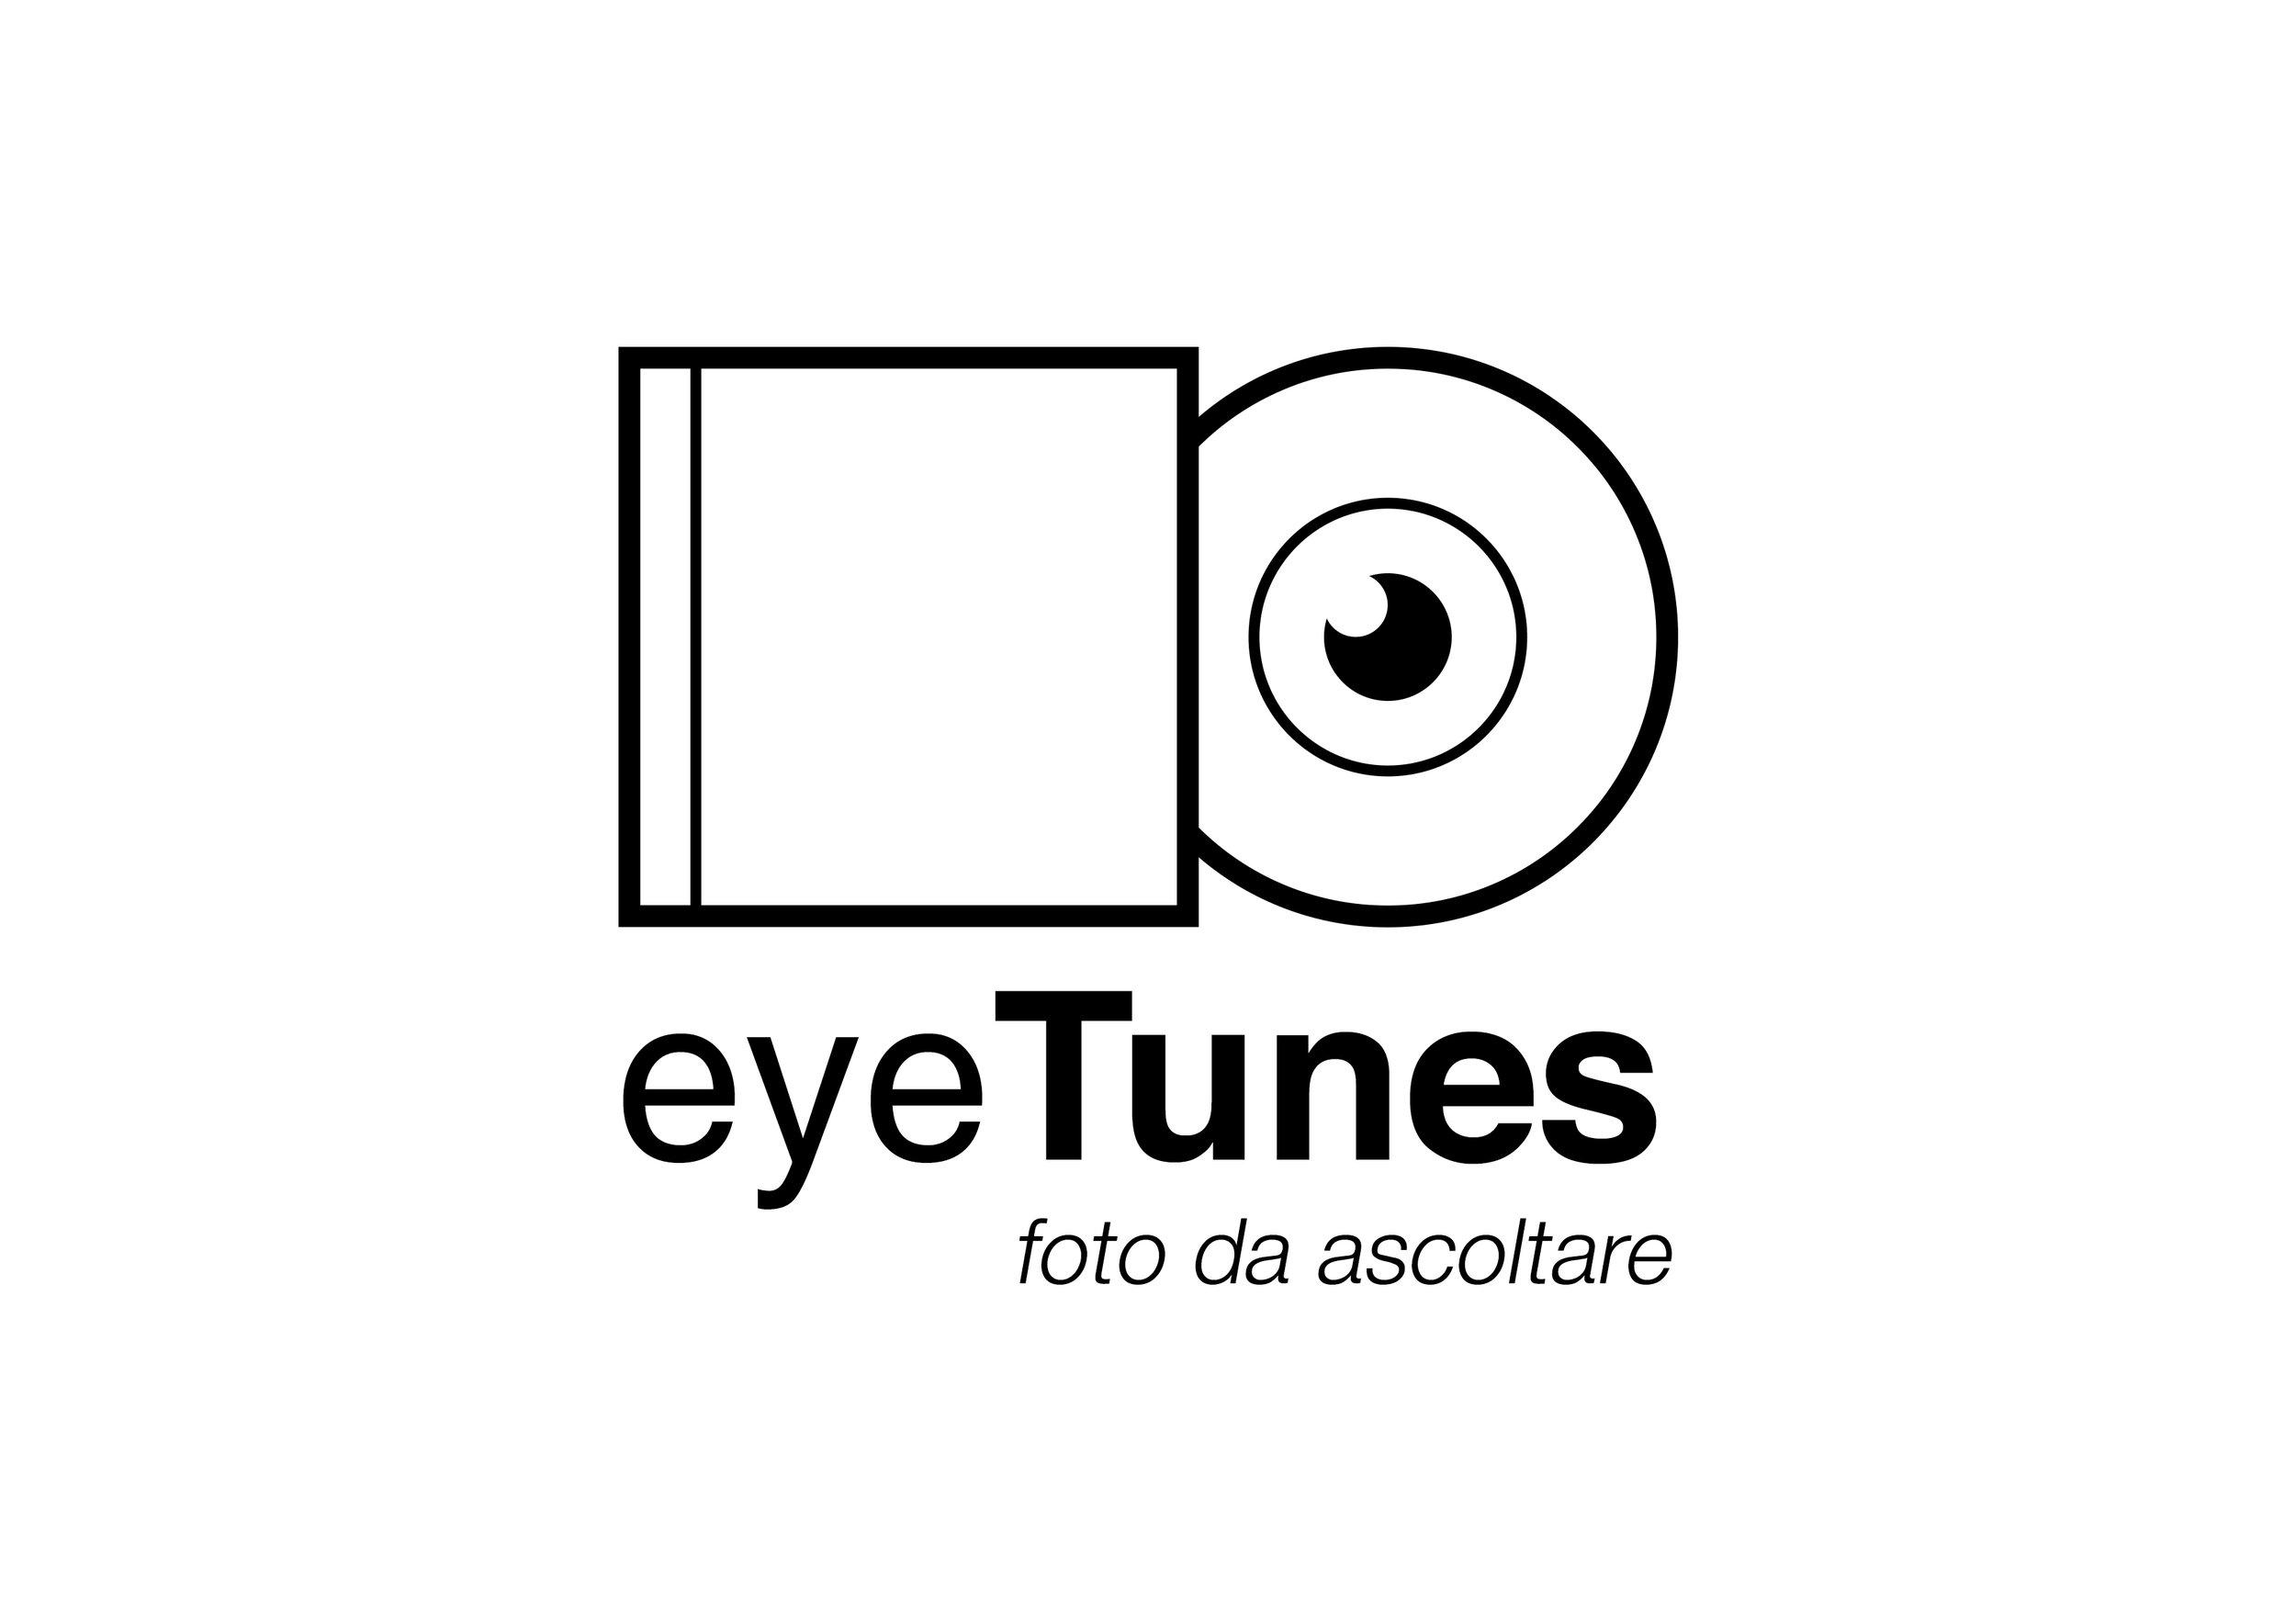 LOGO eyeTunes.jpg